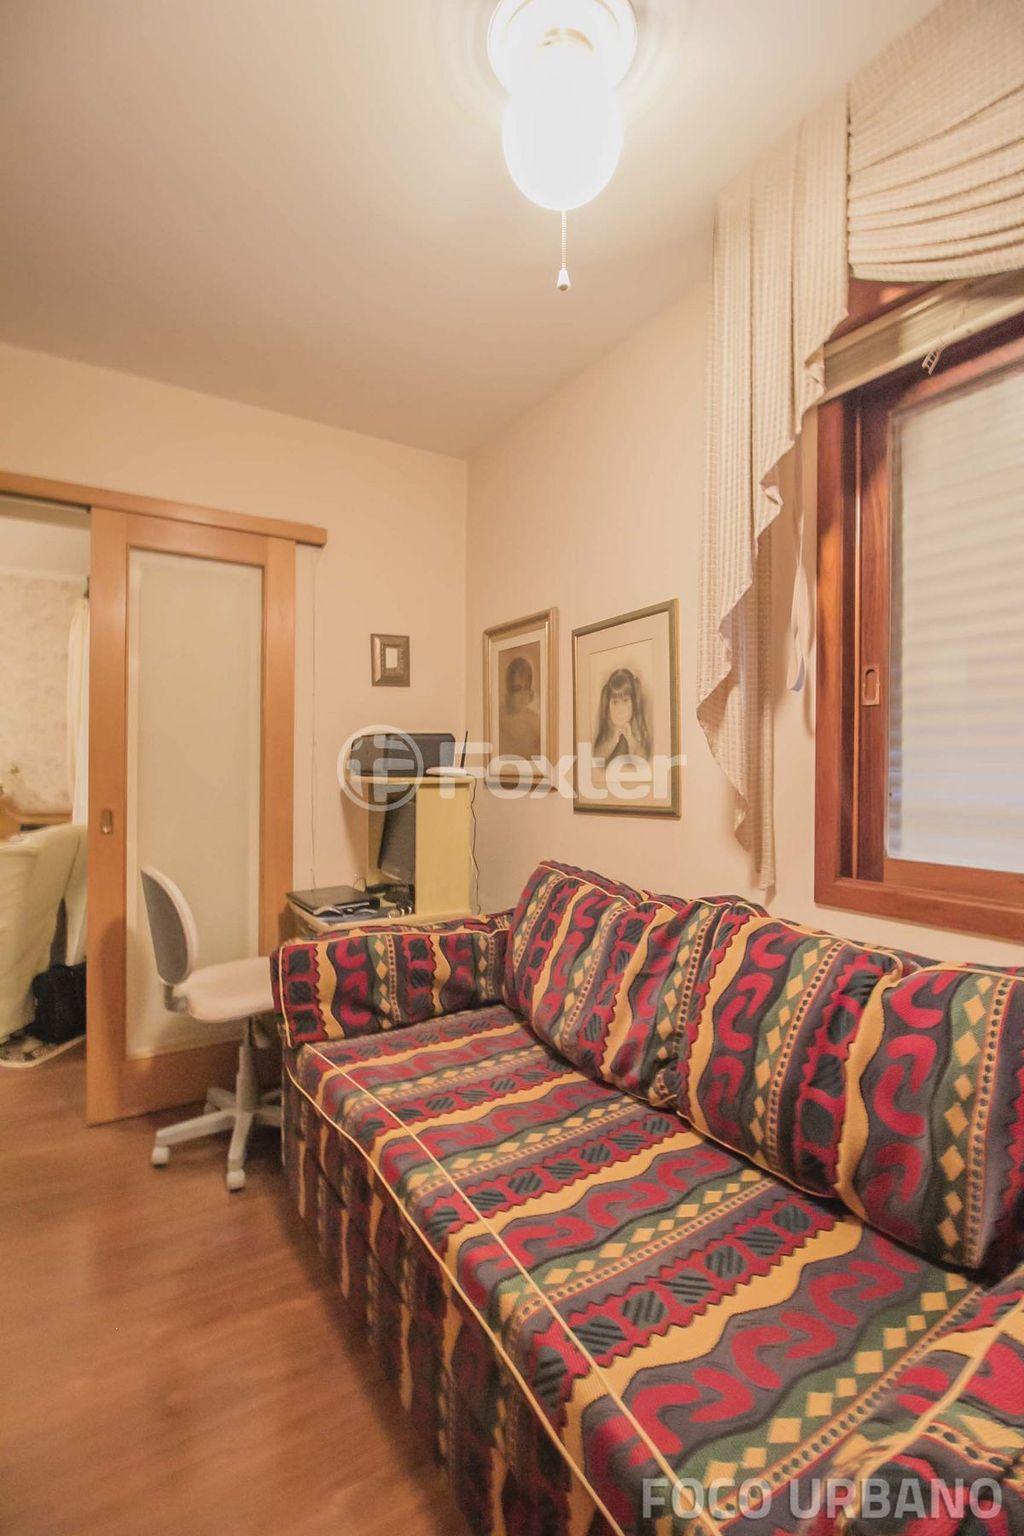 Foxter Imobiliária - Apto 3 Dorm, Vila Ipiranga - Foto 12